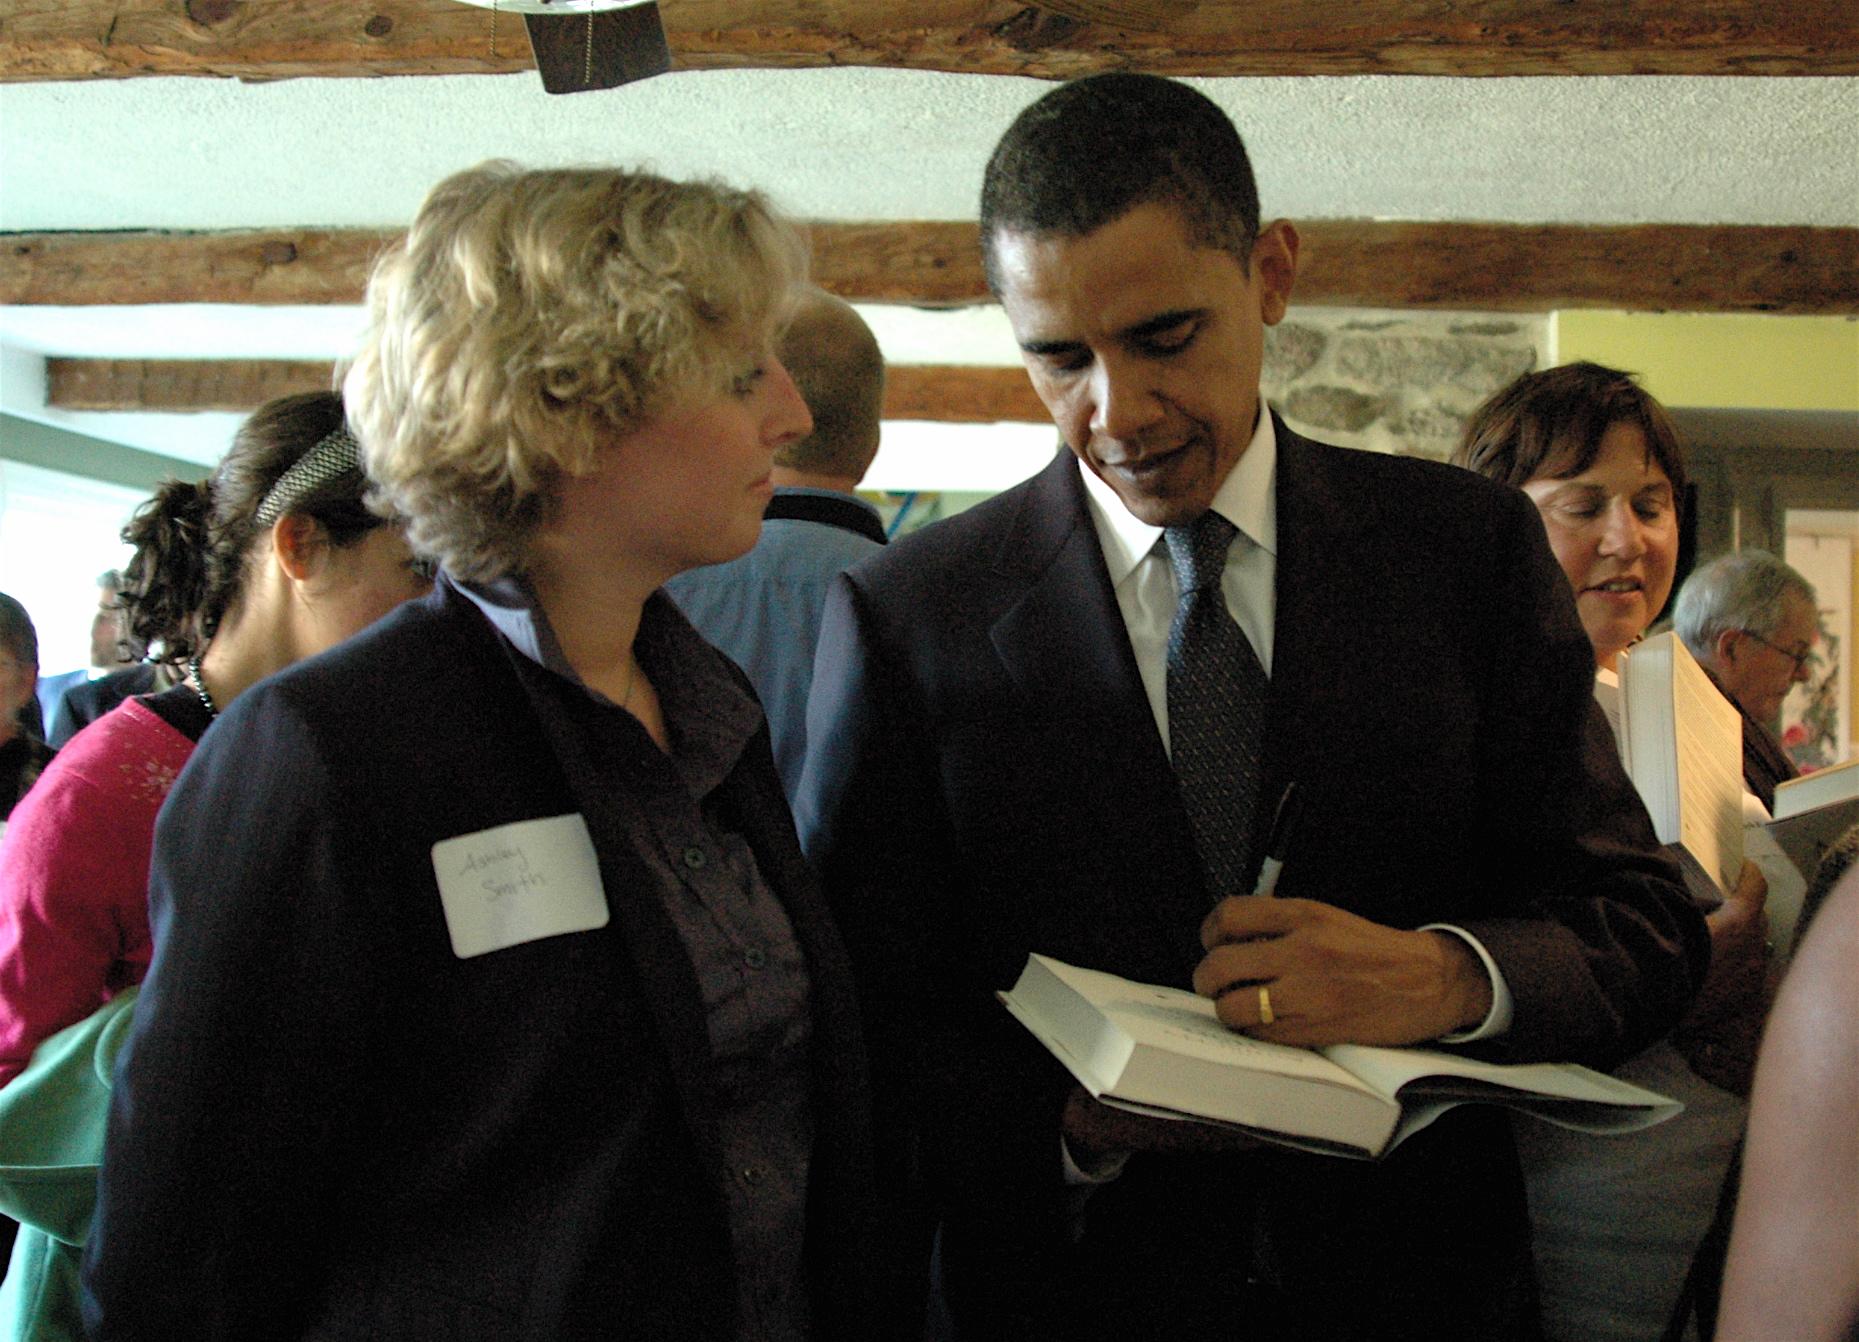 Yep, that's me with a pre-presidental Barack Obama!